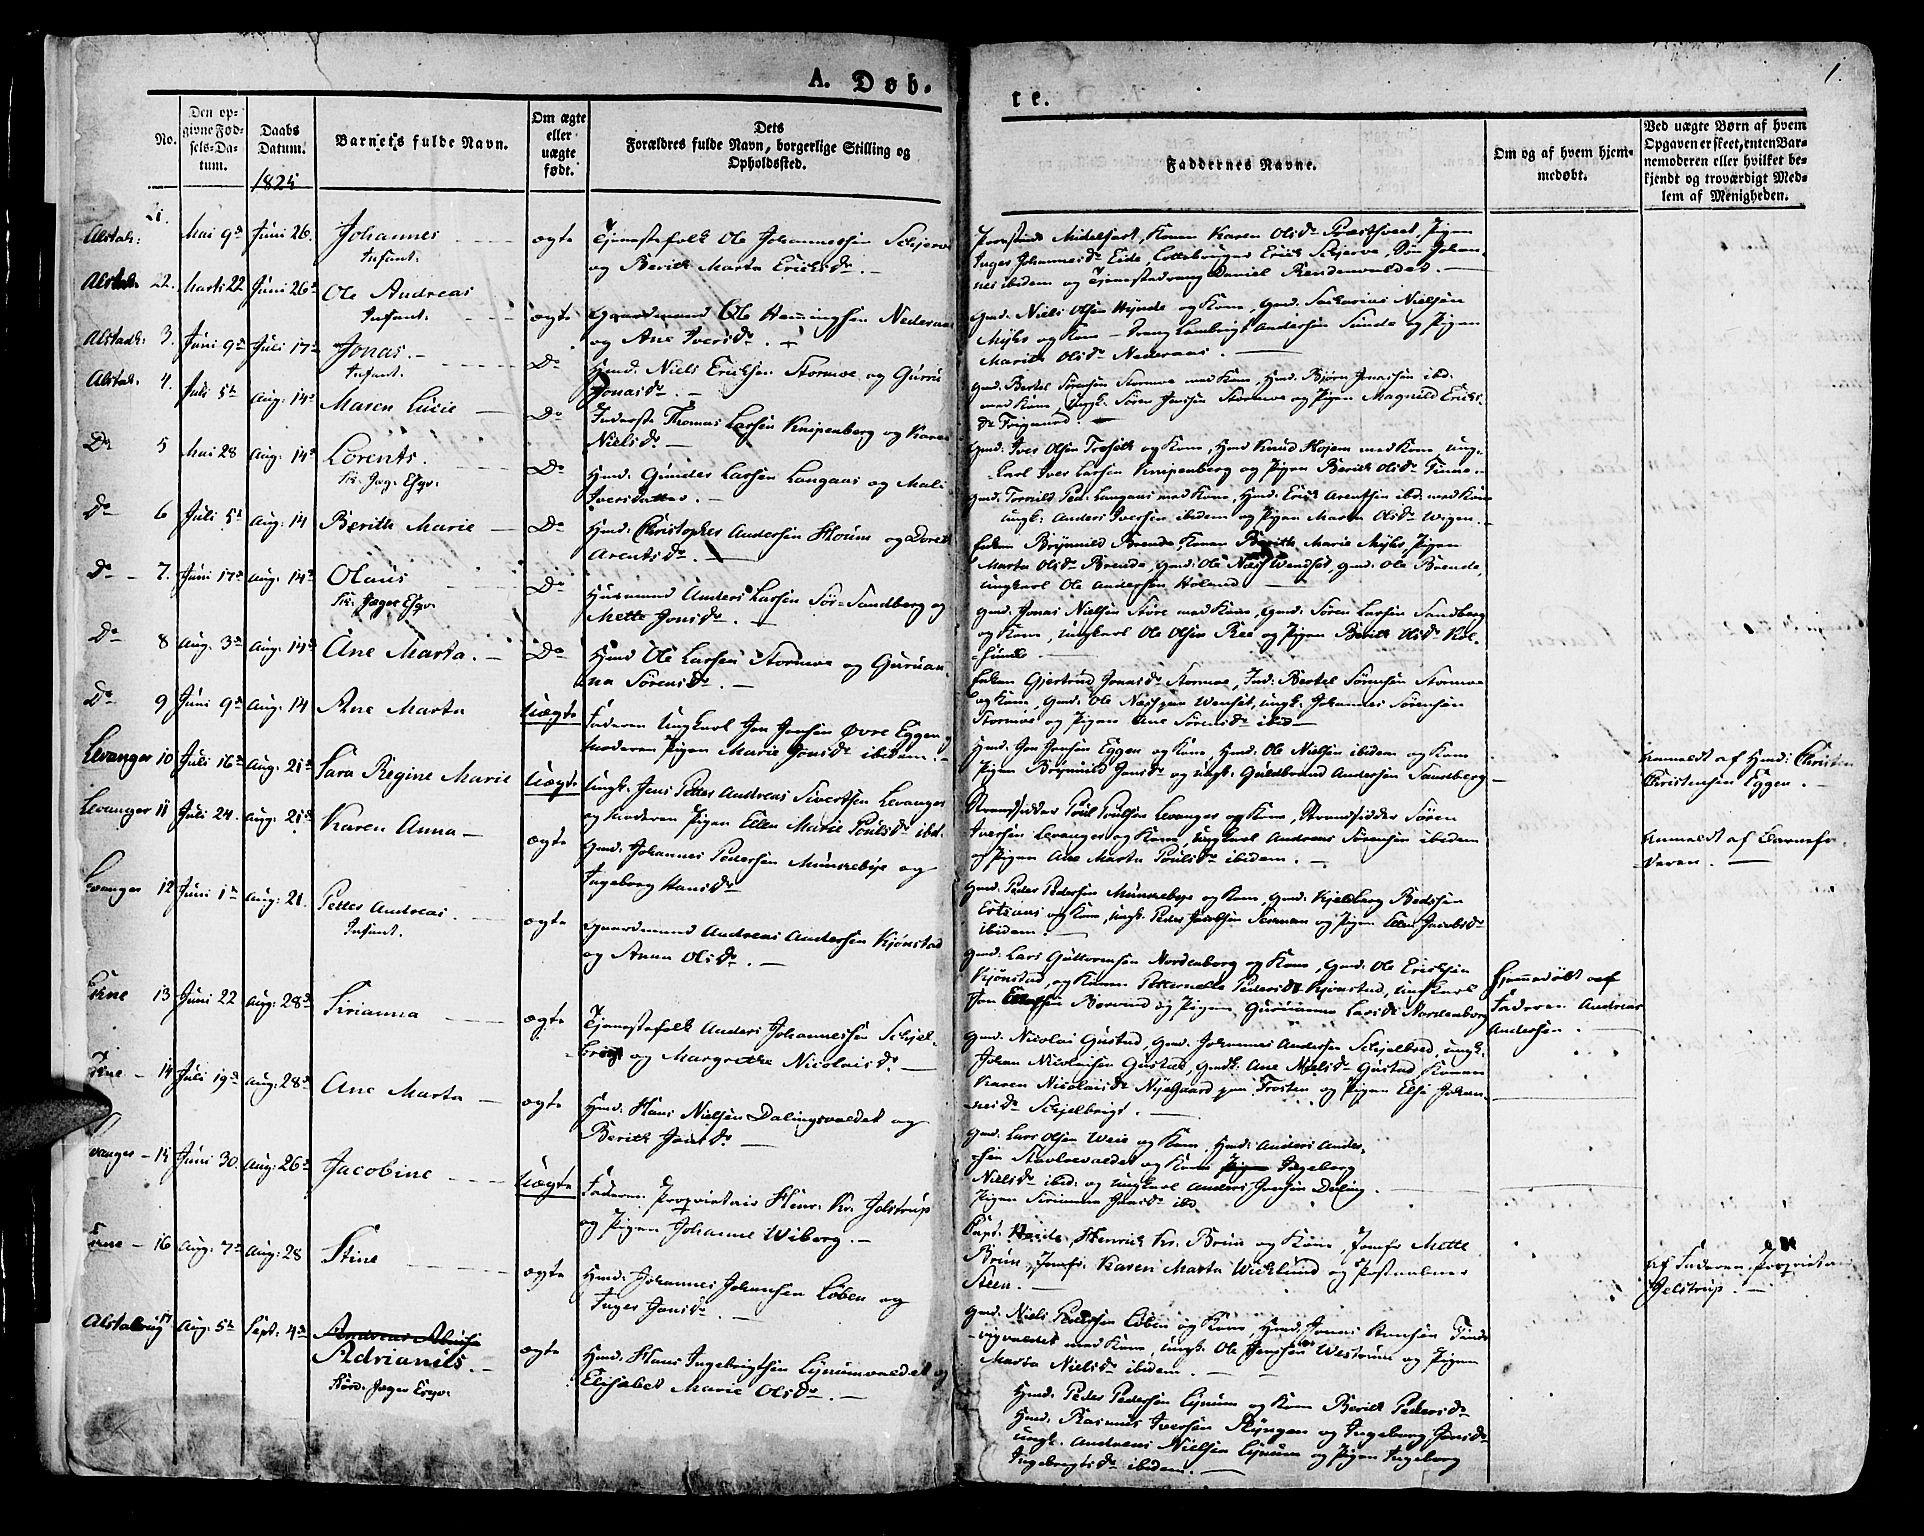 SAT, Ministerialprotokoller, klokkerbøker og fødselsregistre - Nord-Trøndelag, 717/L0152: Ministerialbok nr. 717A05 /1, 1825-1836, s. 1